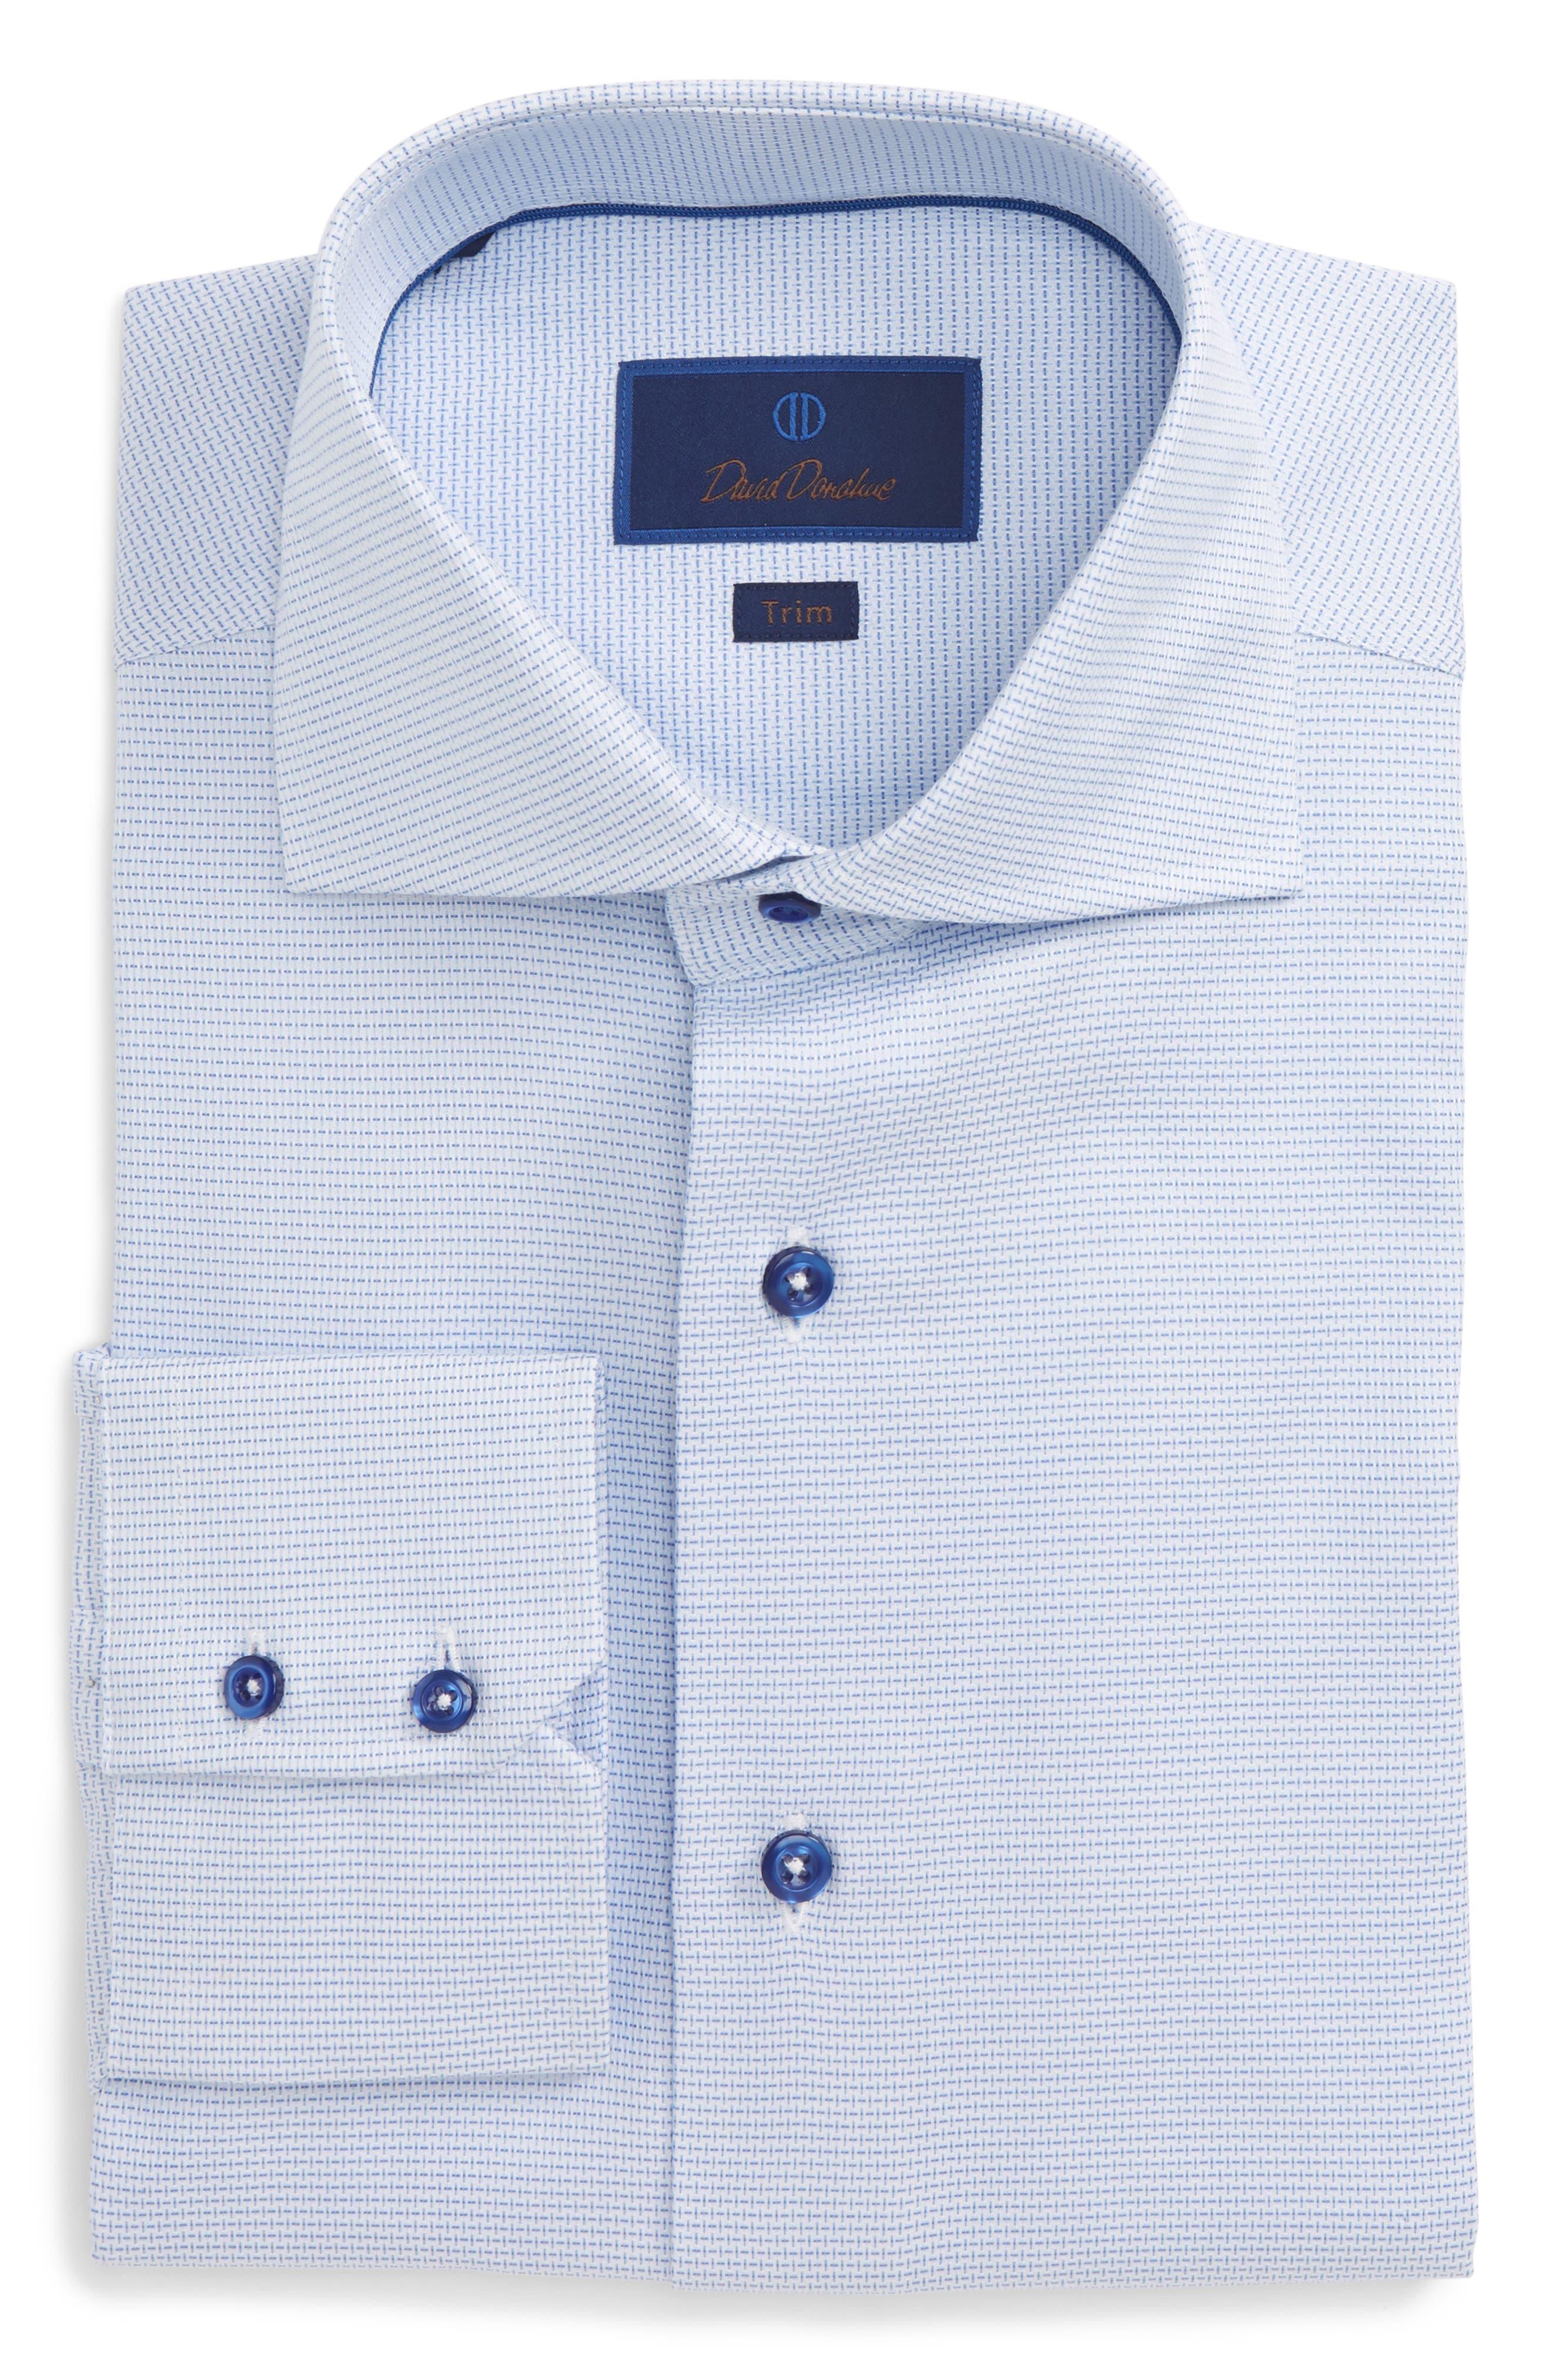 Trim Fit Solid Dress Shirt,                             Main thumbnail 1, color,                             Blue